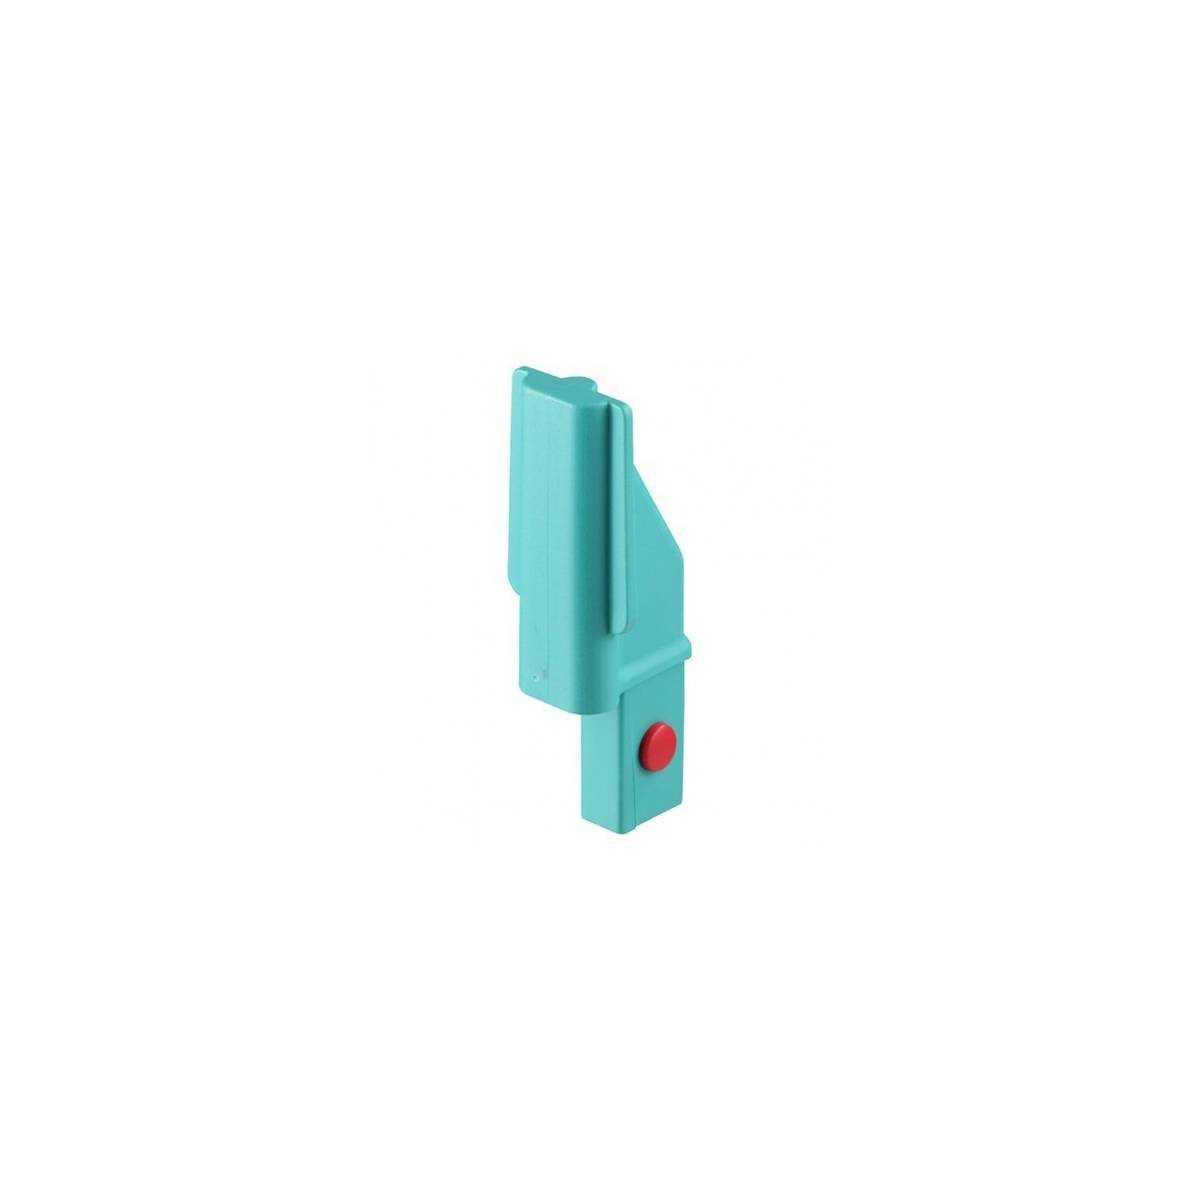 Пластиковое крепление для тележек S070090 TTS